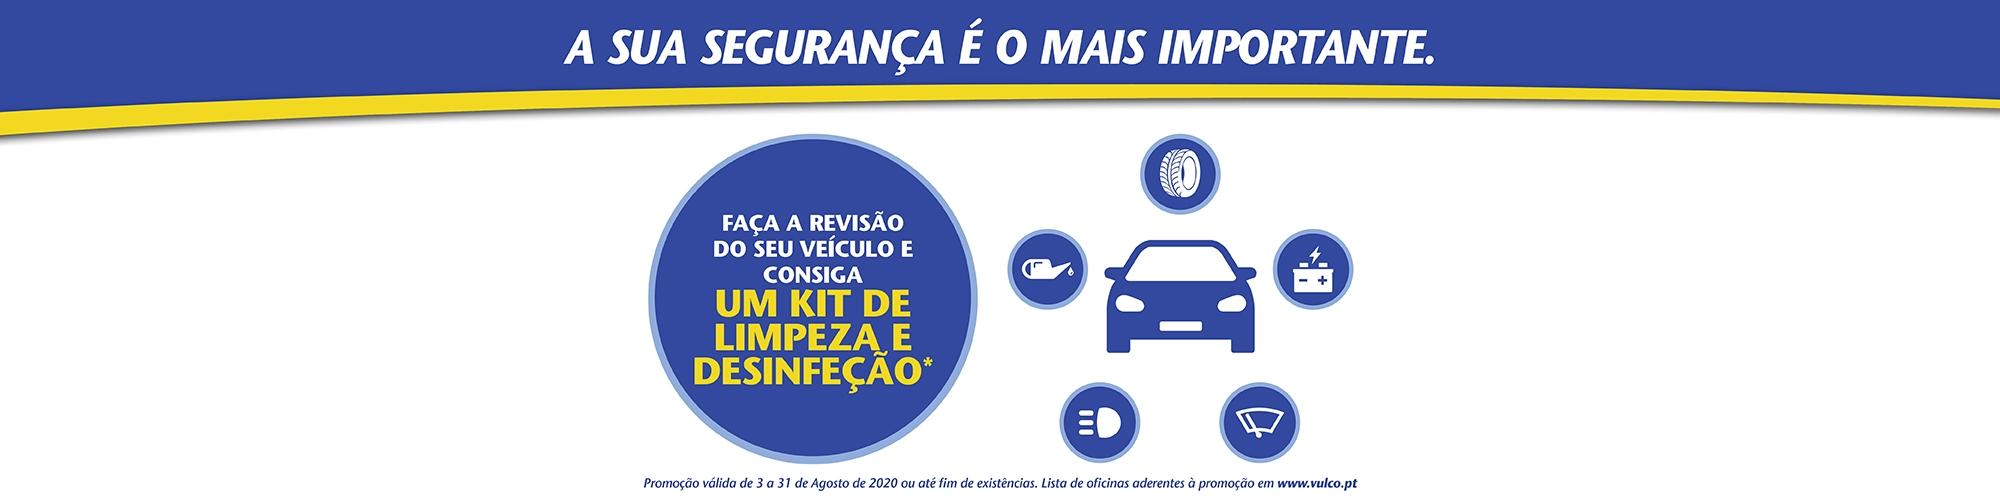 Campanha Vulco Agosto - Kit de Limpeza